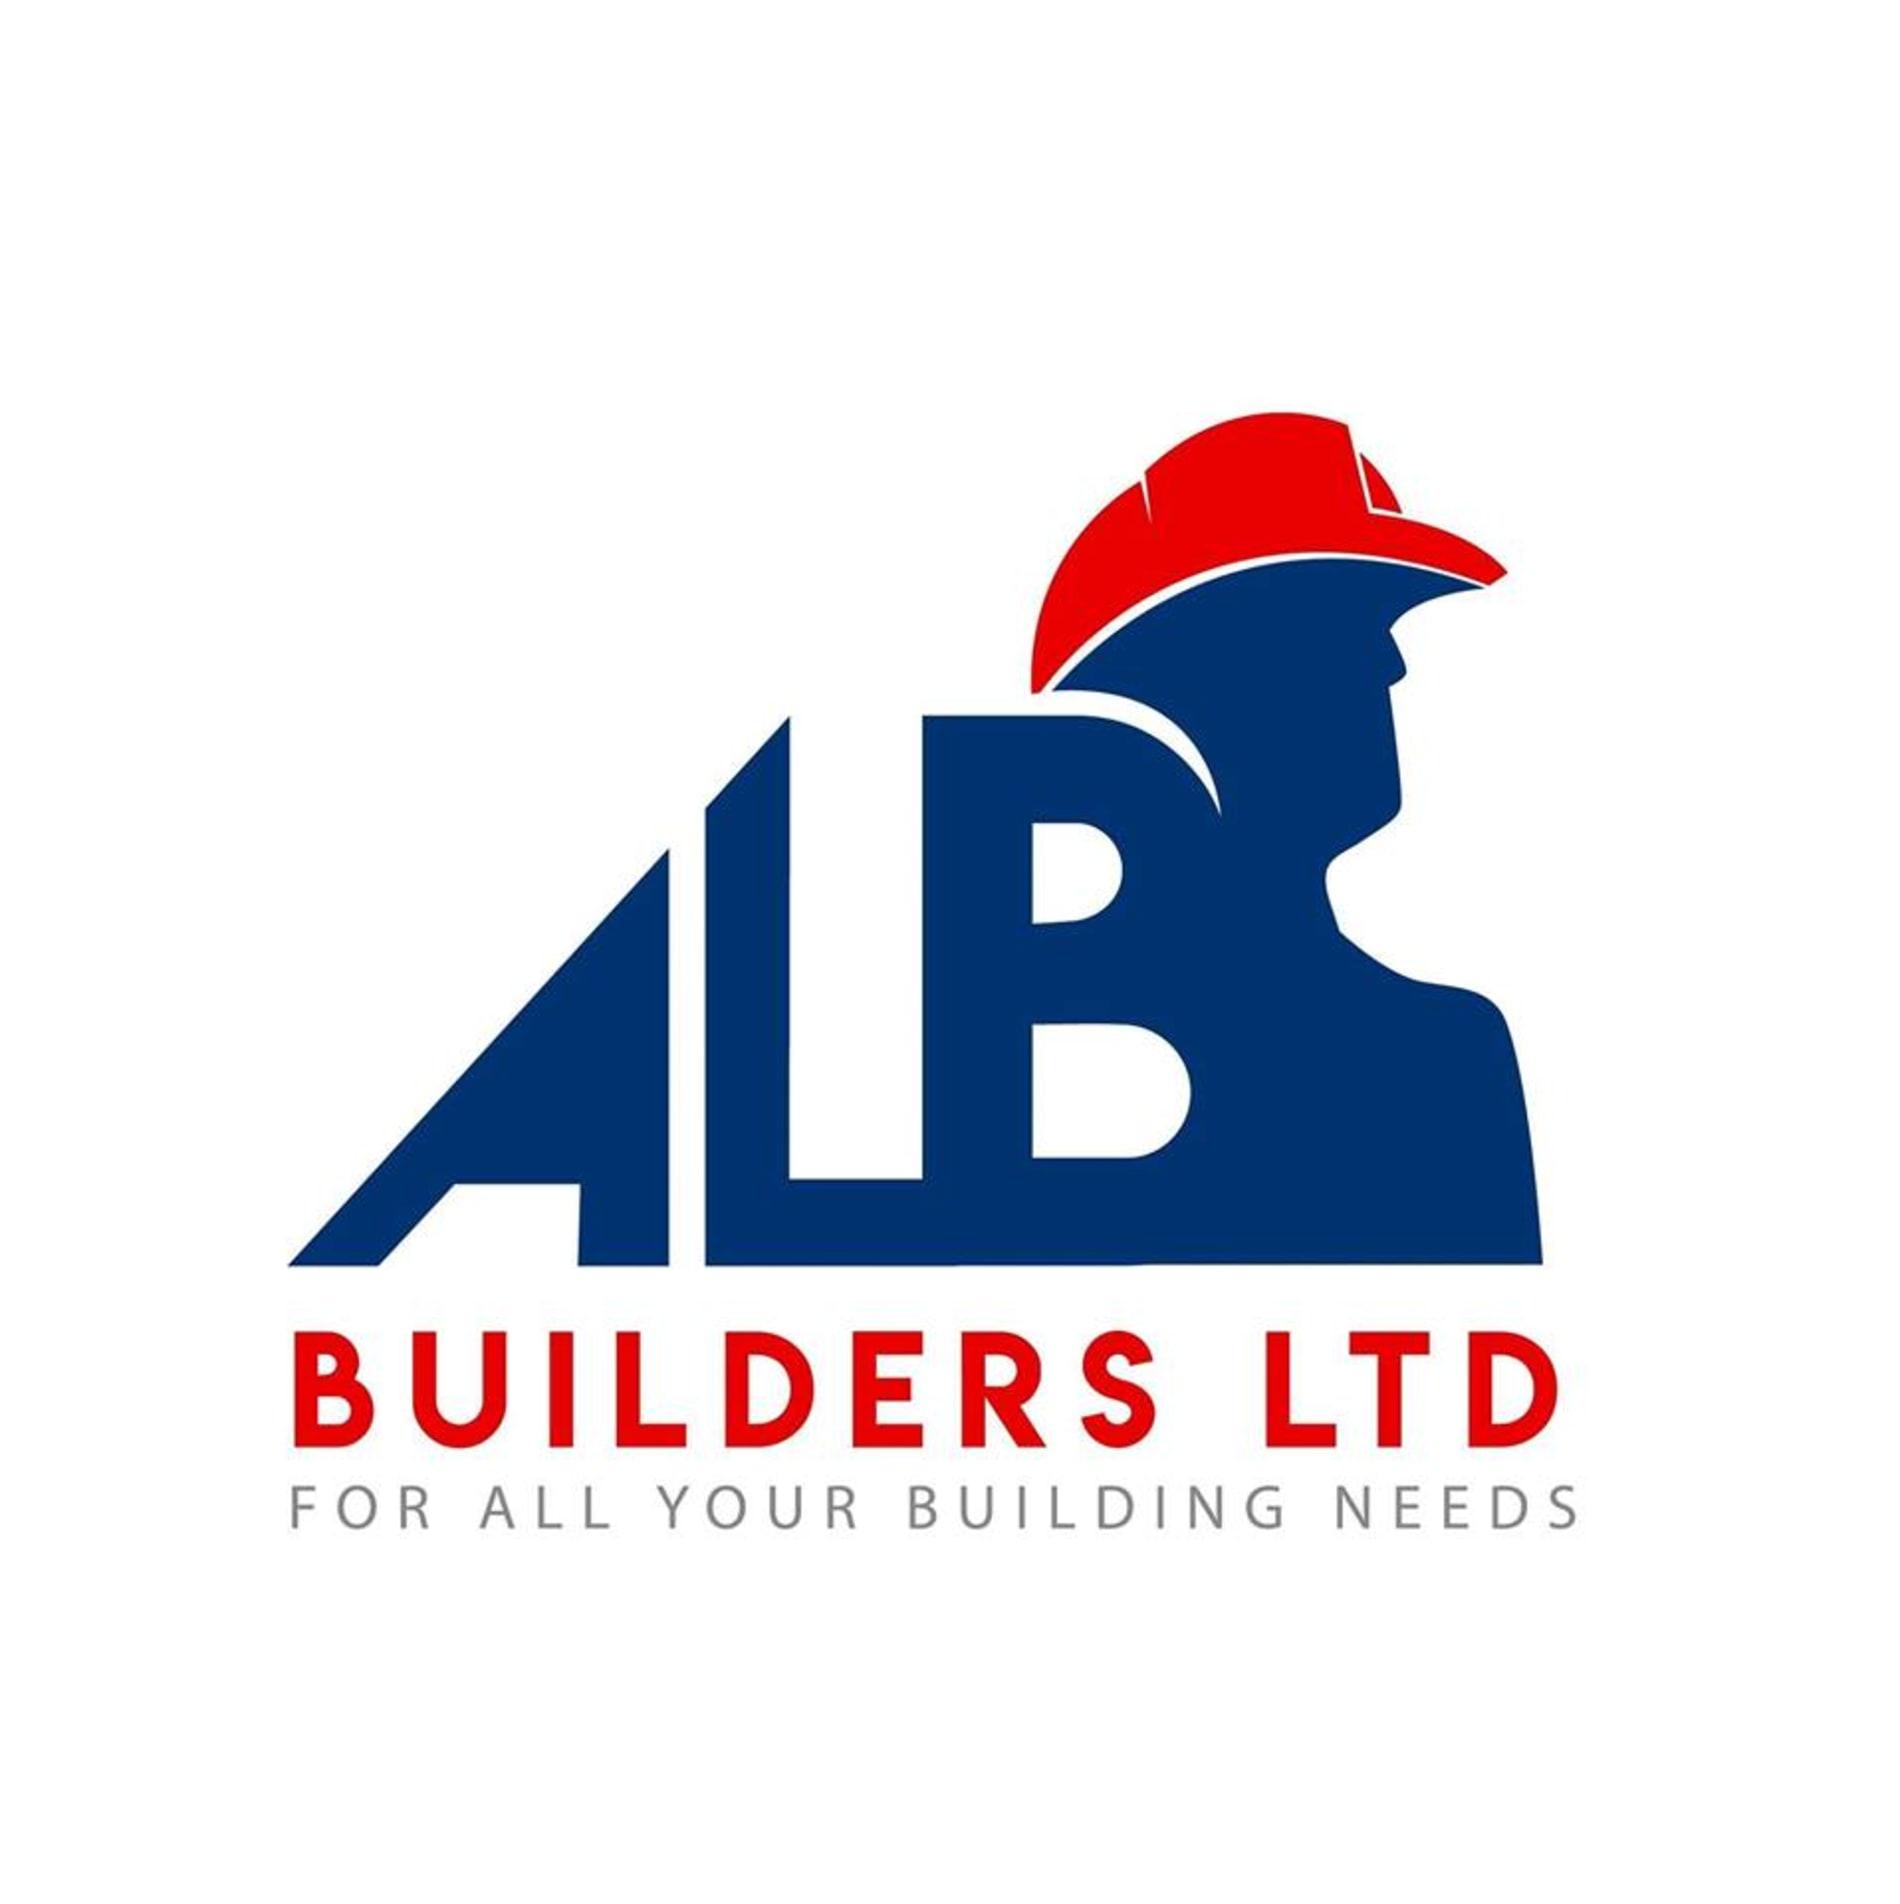 ALB Builders Ltd